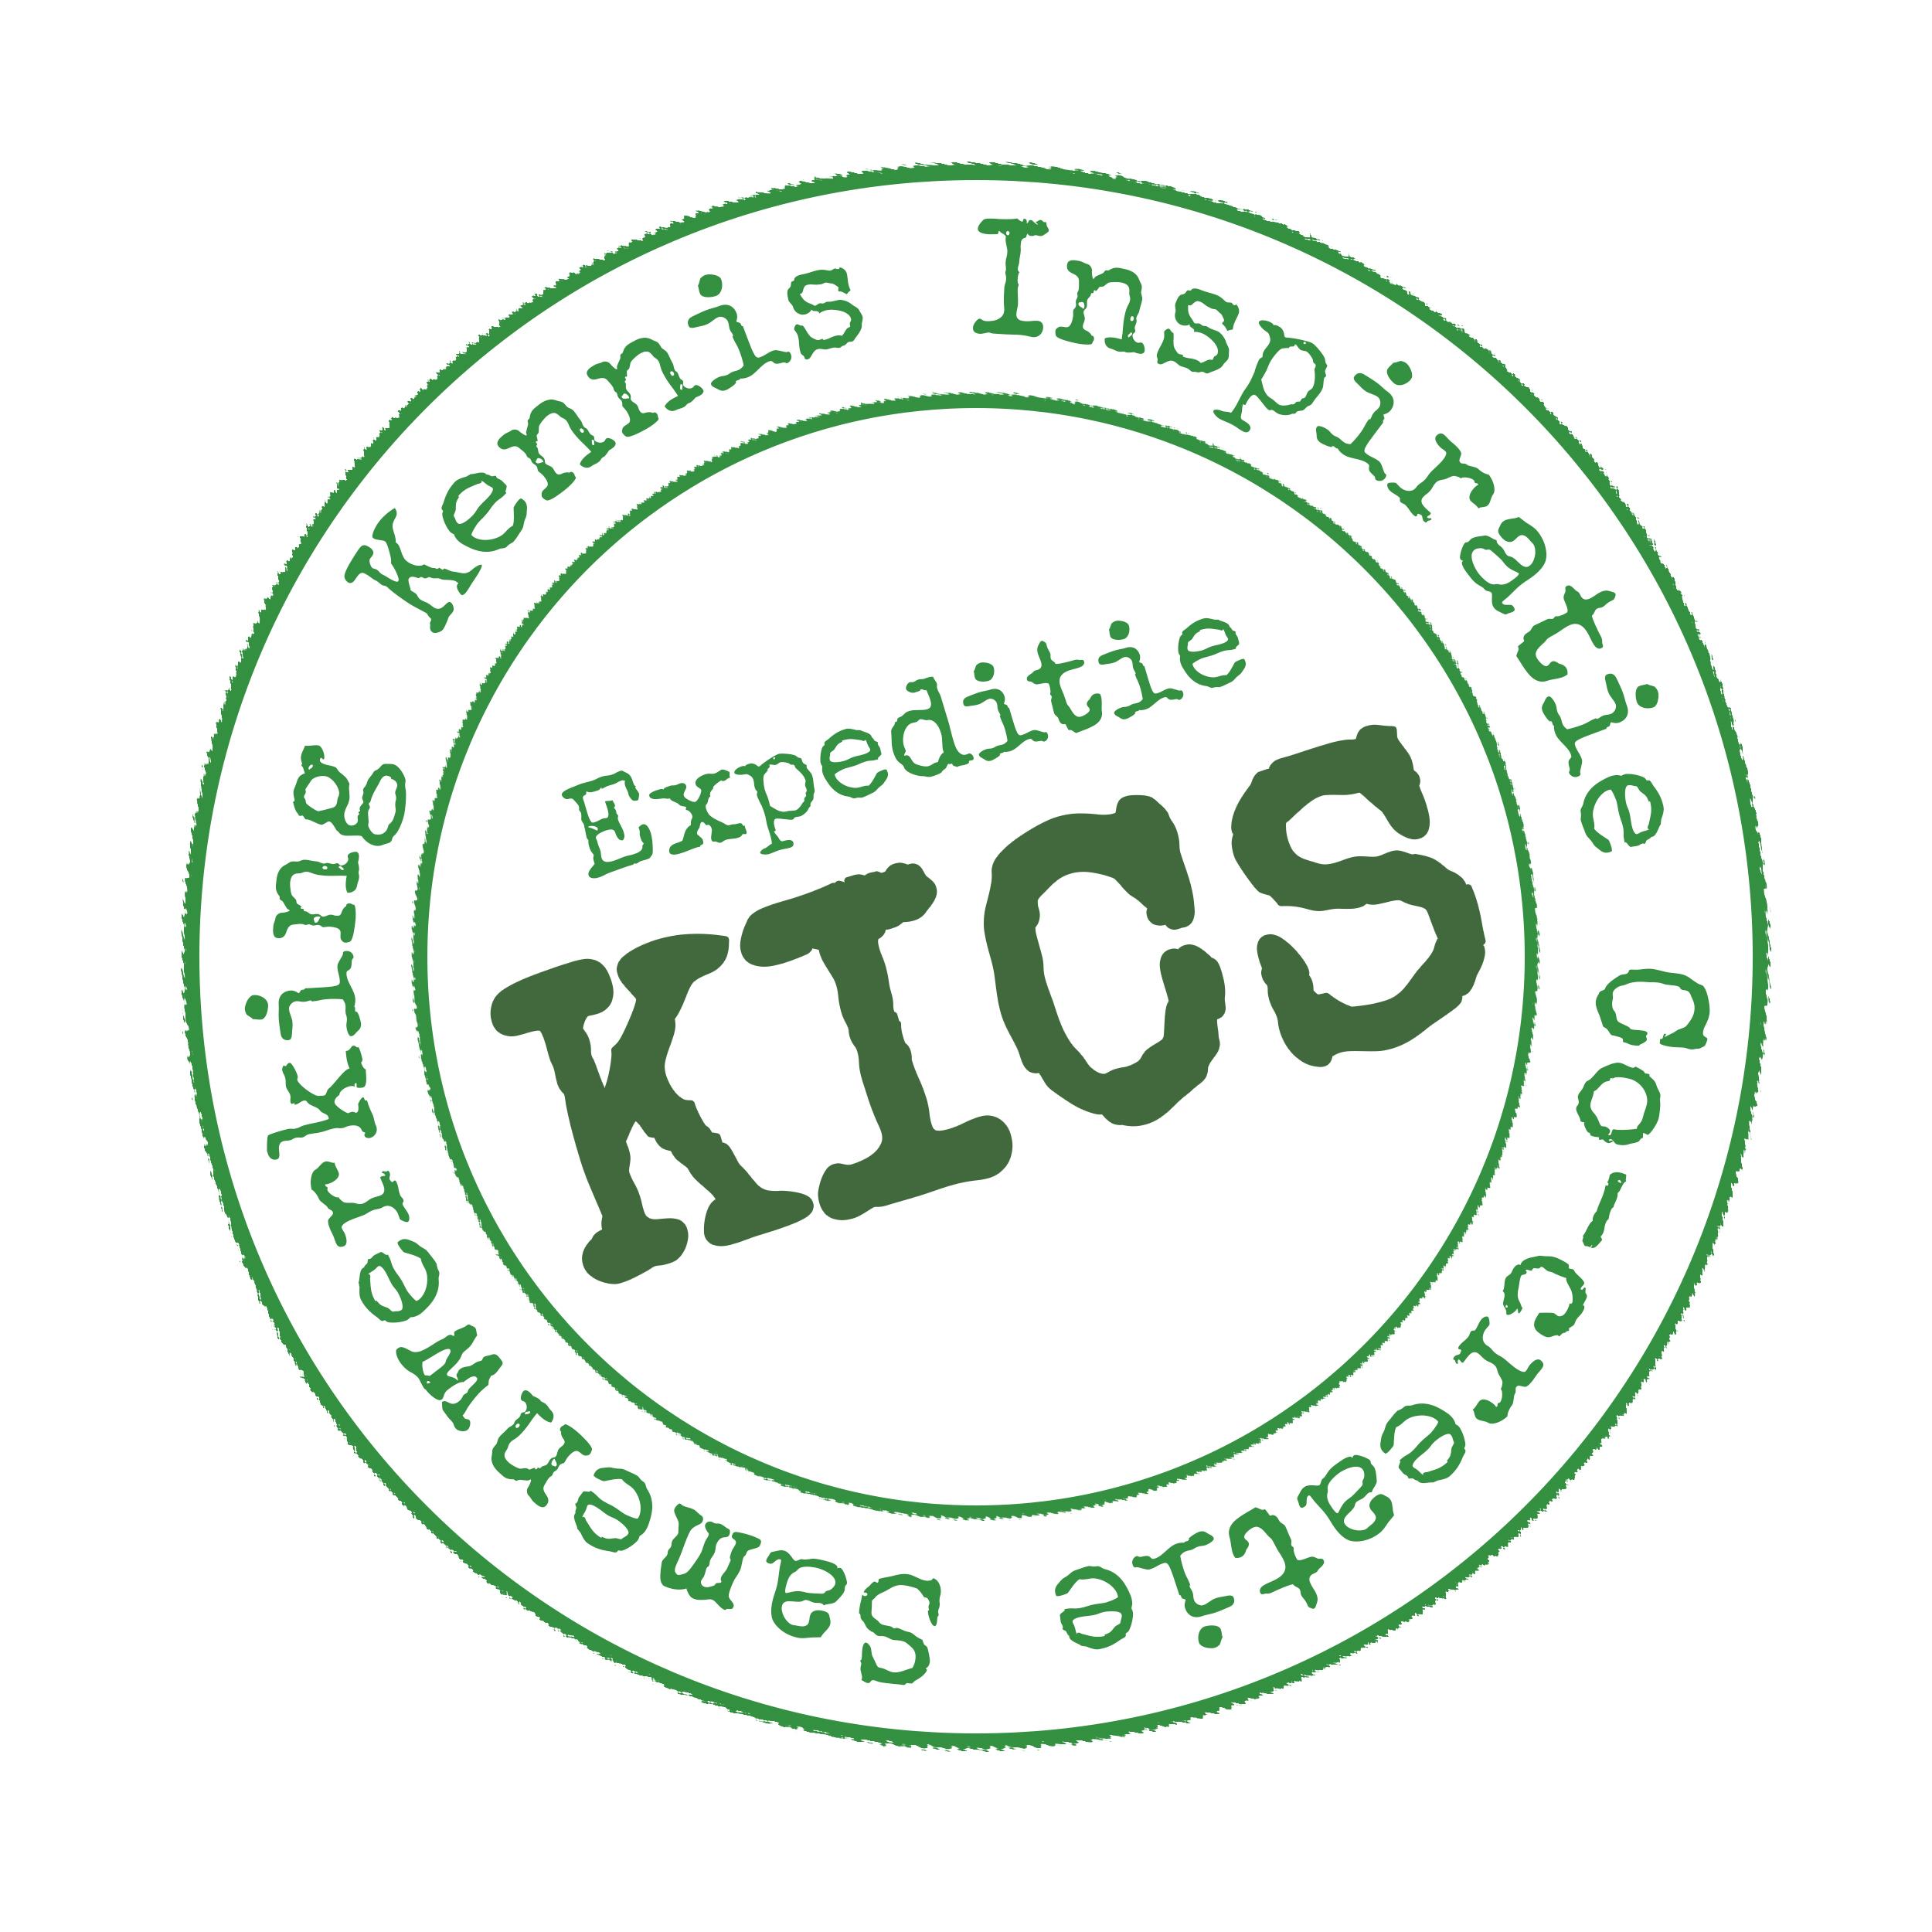 Expeditie KICS